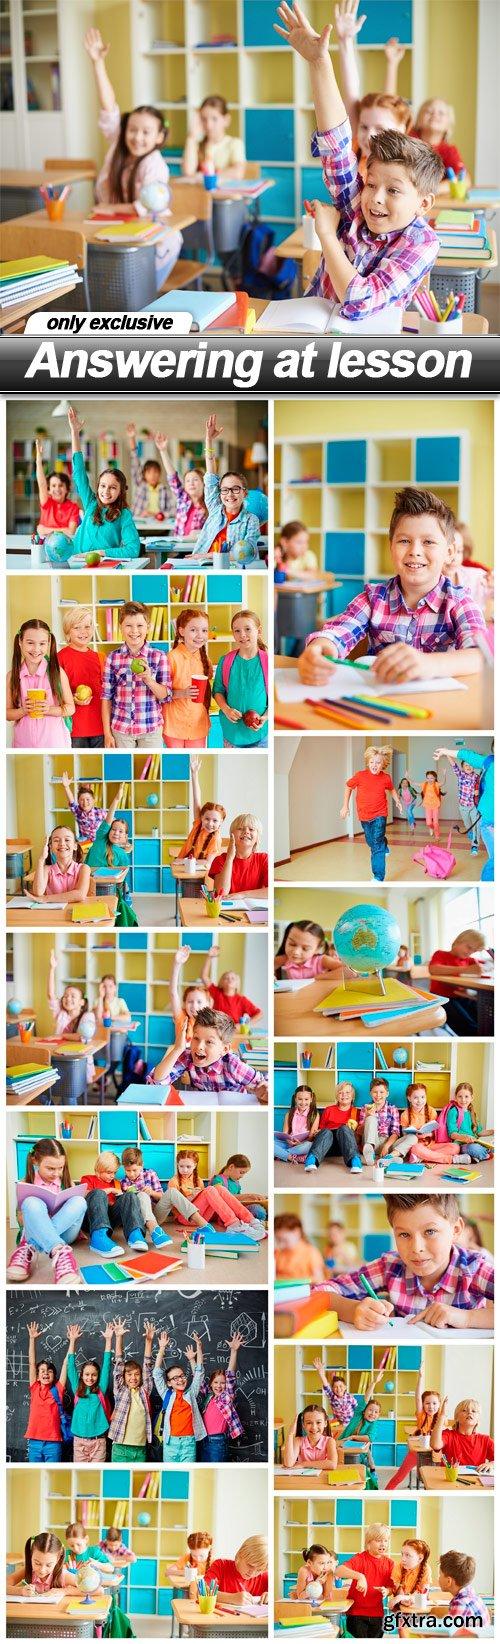 Answering at lesson - 15 UHQ JPEG